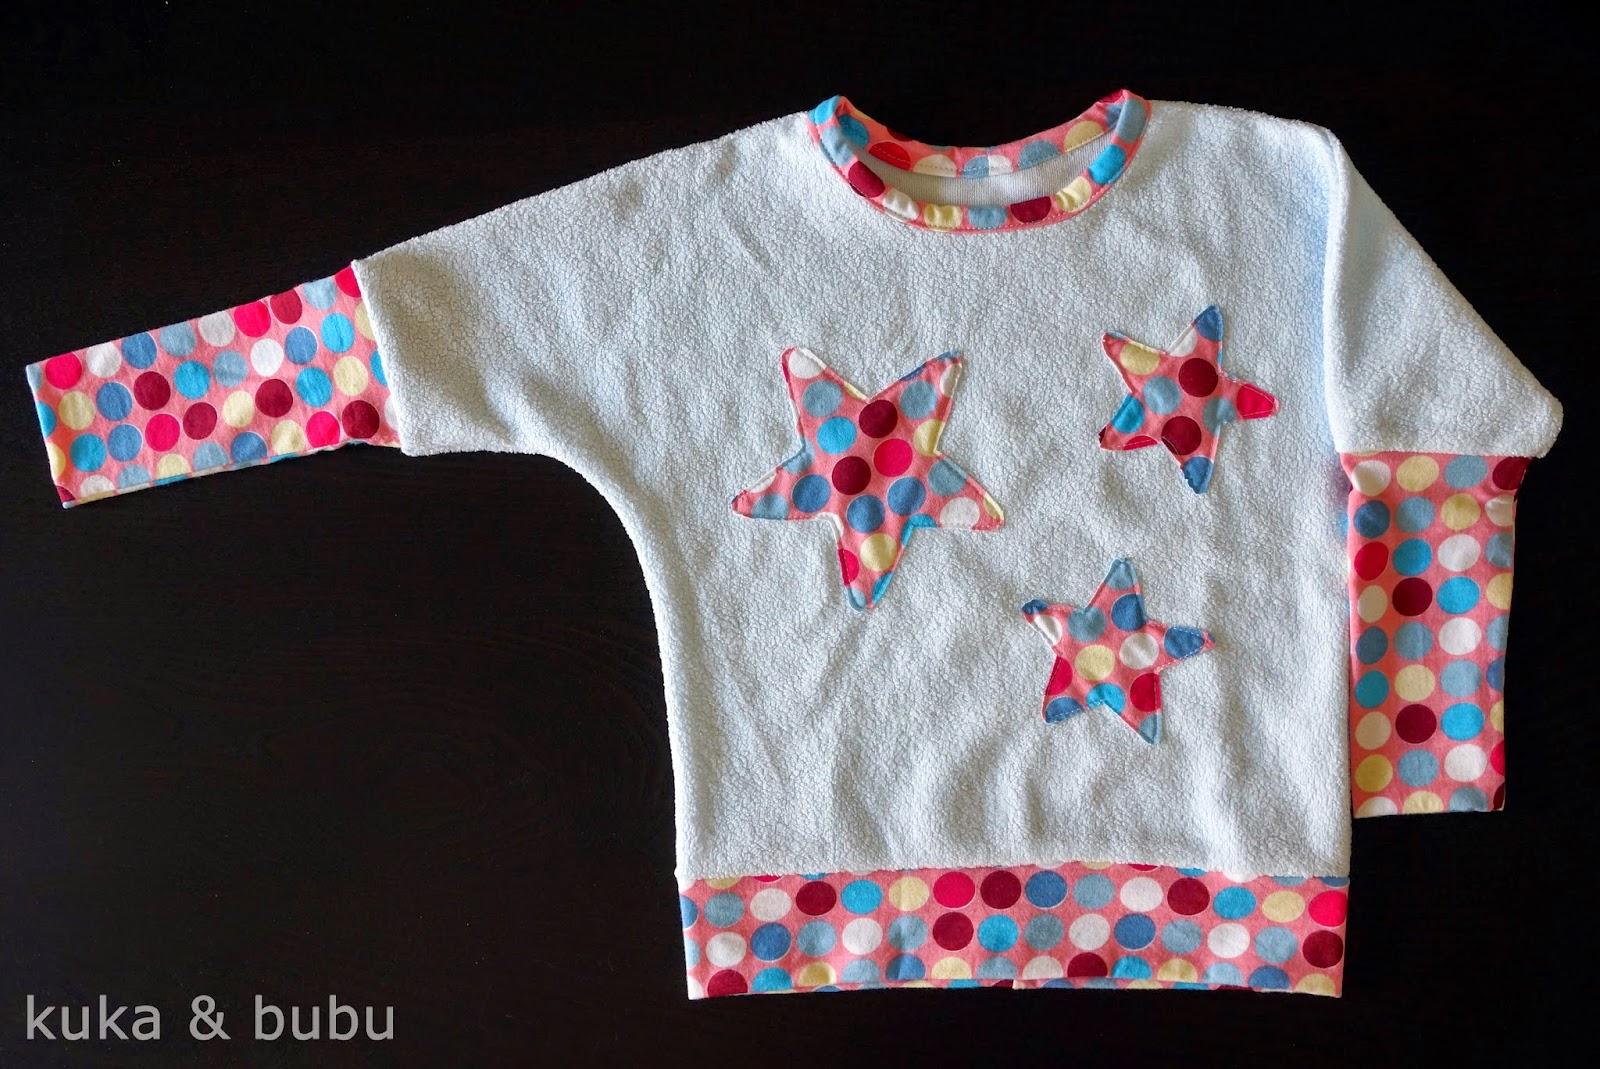 http://kukaandbubu.blogspot.com.es/2015/01/mini-osha-pattern-sewalong-by-mrdm.html